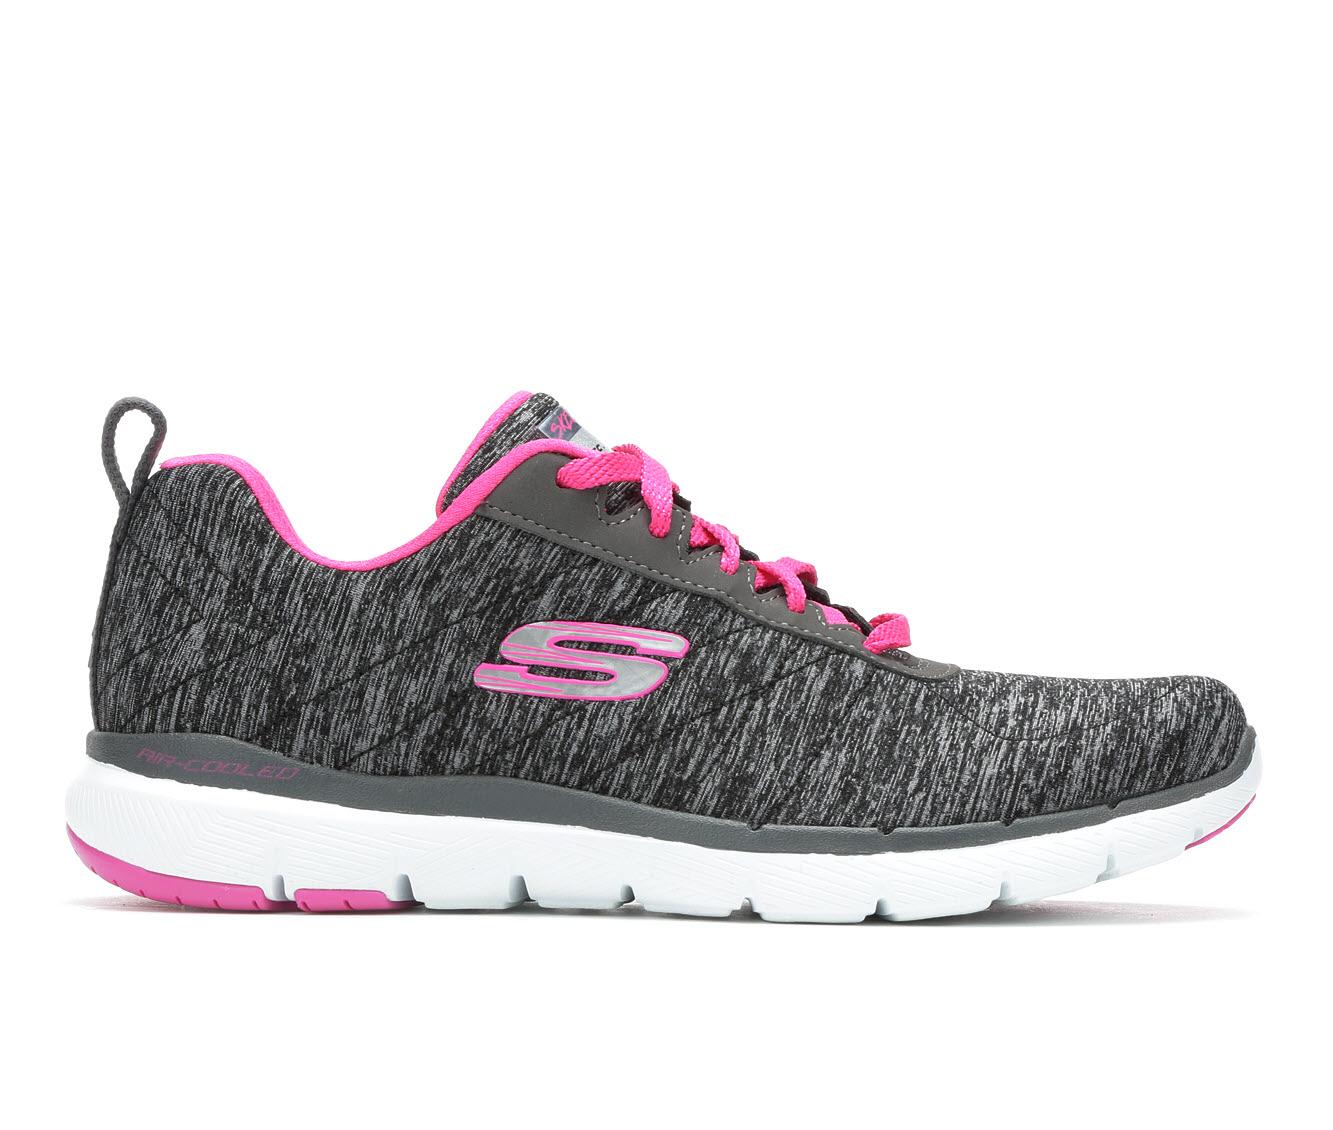 Skechers Insiders 13067 Women's Athletic Shoe (Black)